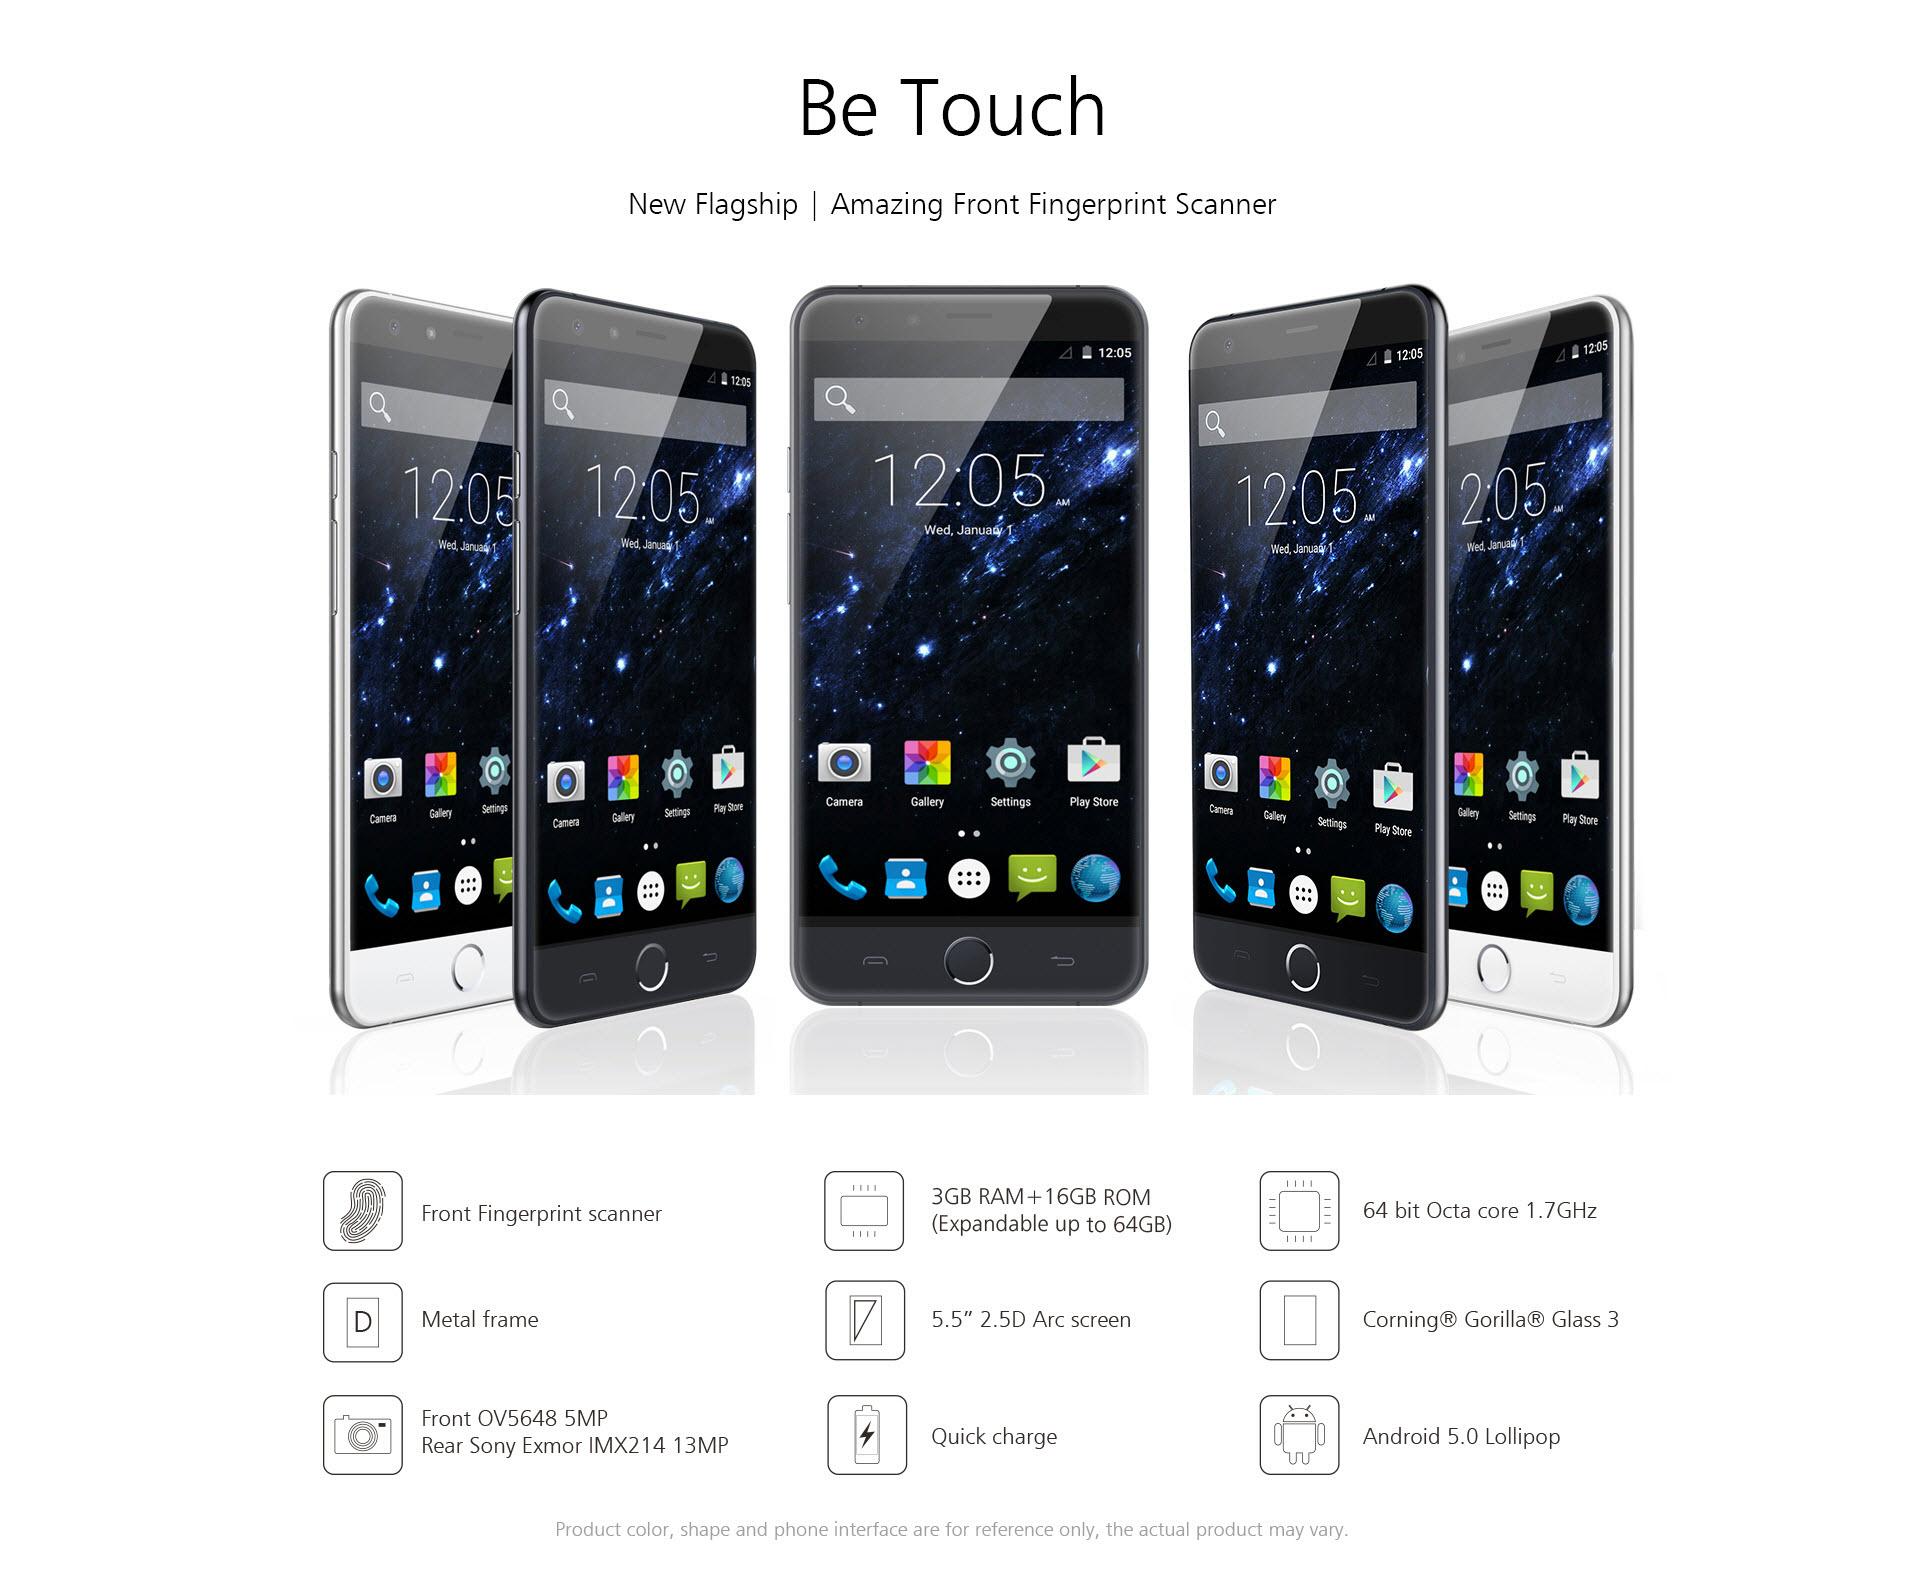 Nuevo buque insignia de uleFone: Be Touch, hecho para impresionar